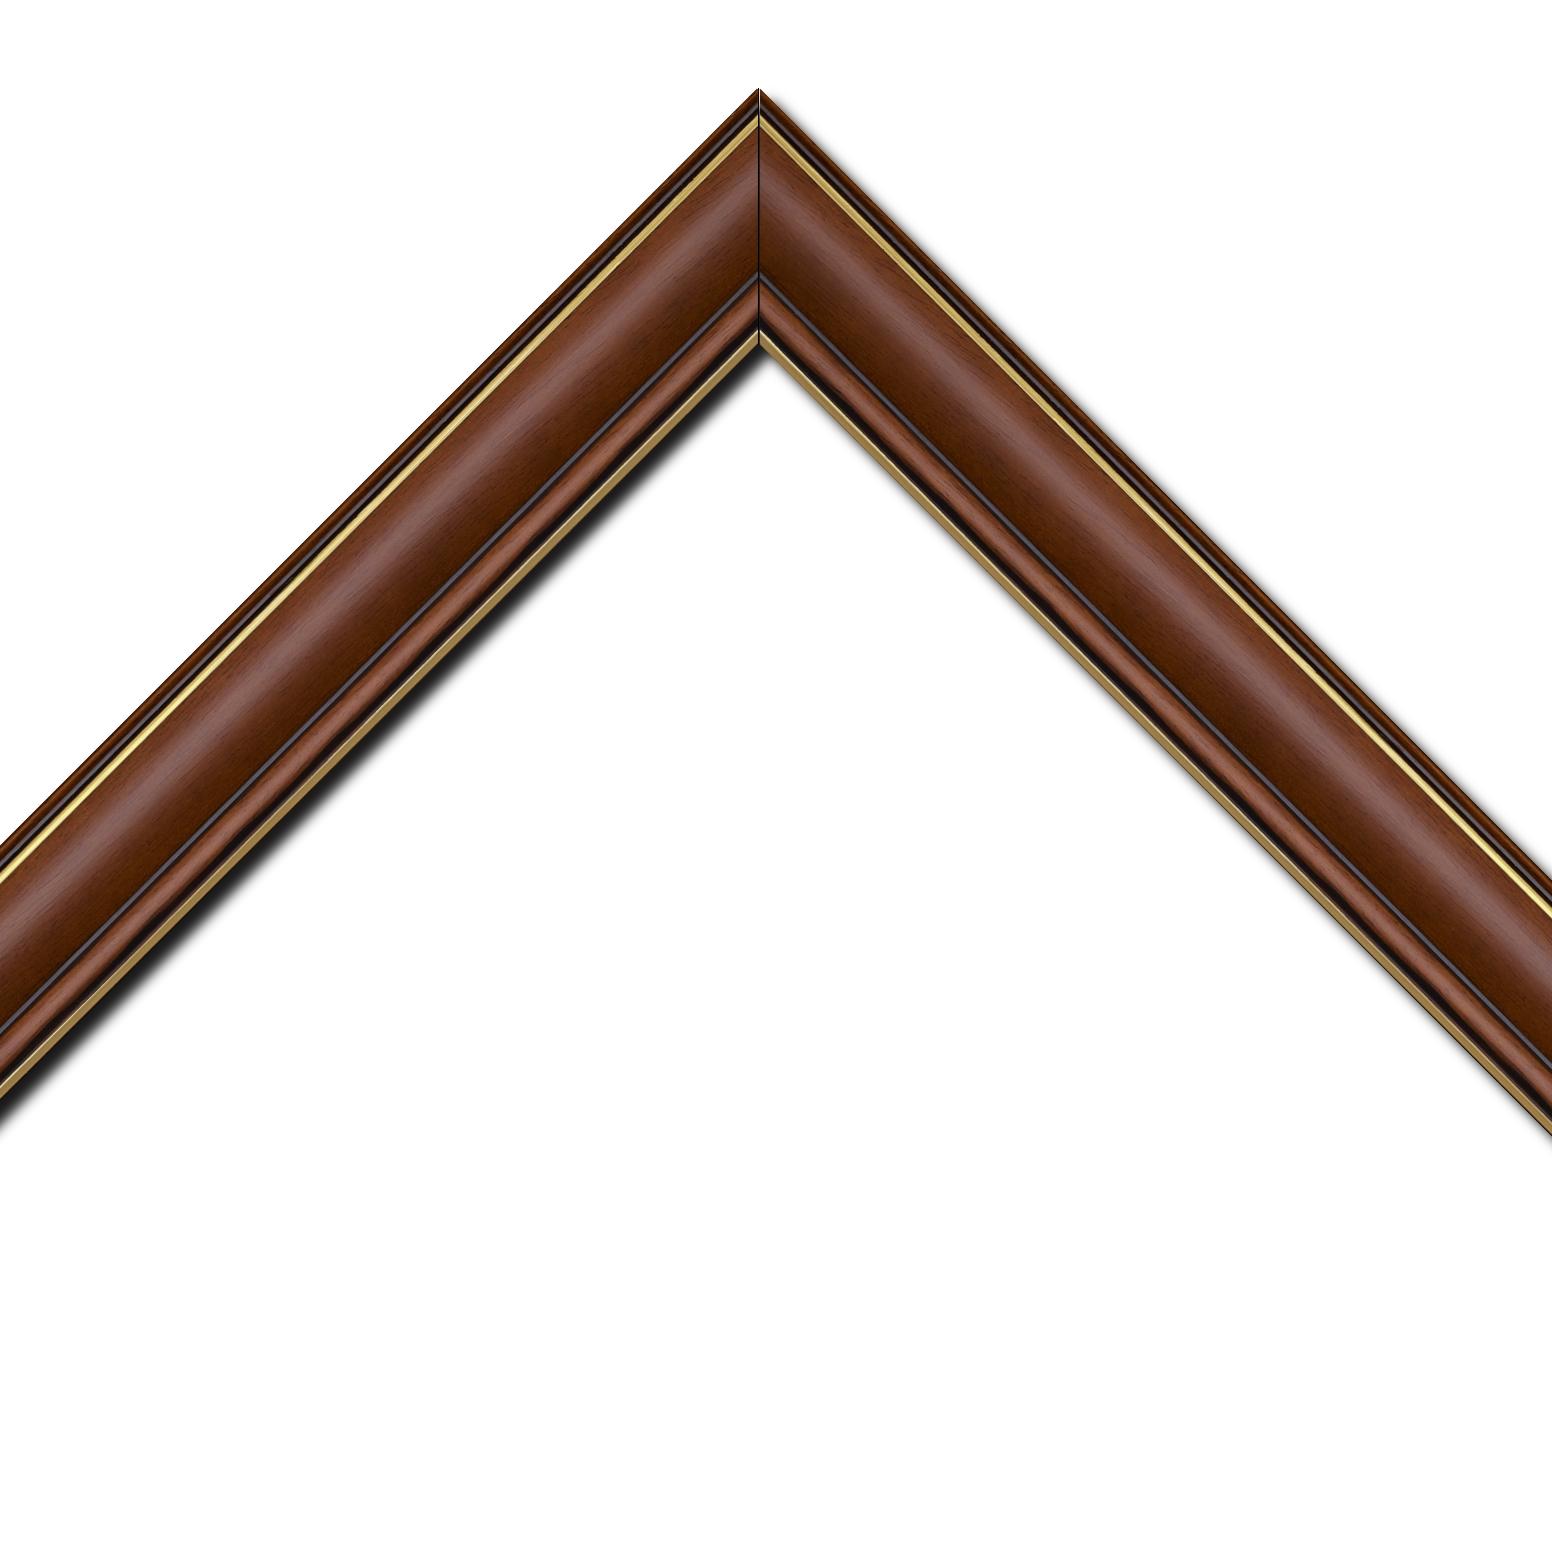 Baguette bois profil doucine inversée largeur 4.4cm  marron rustique filet or